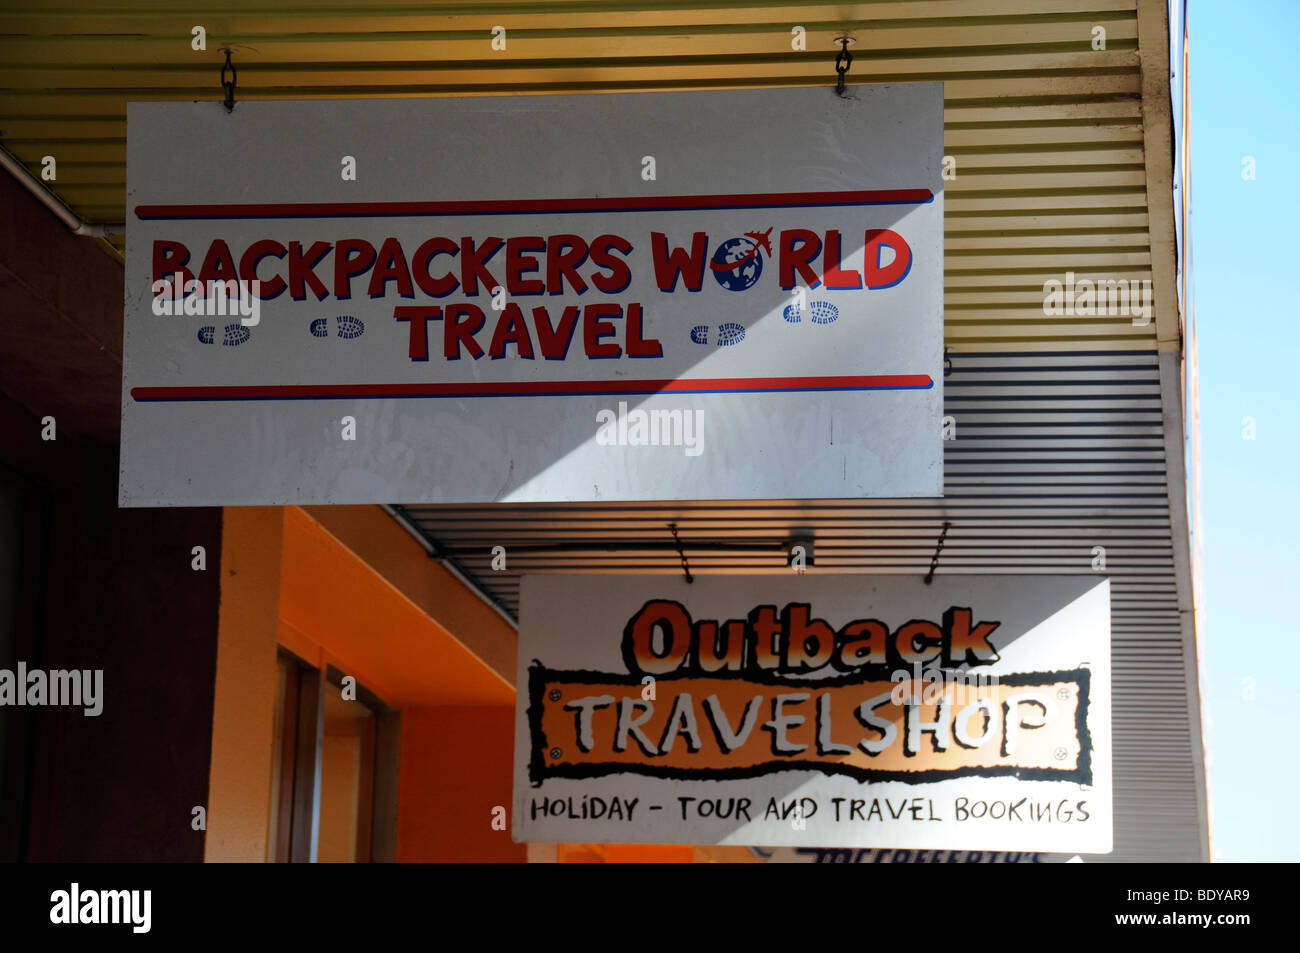 Best Travel Insurance For Backpackers Australia